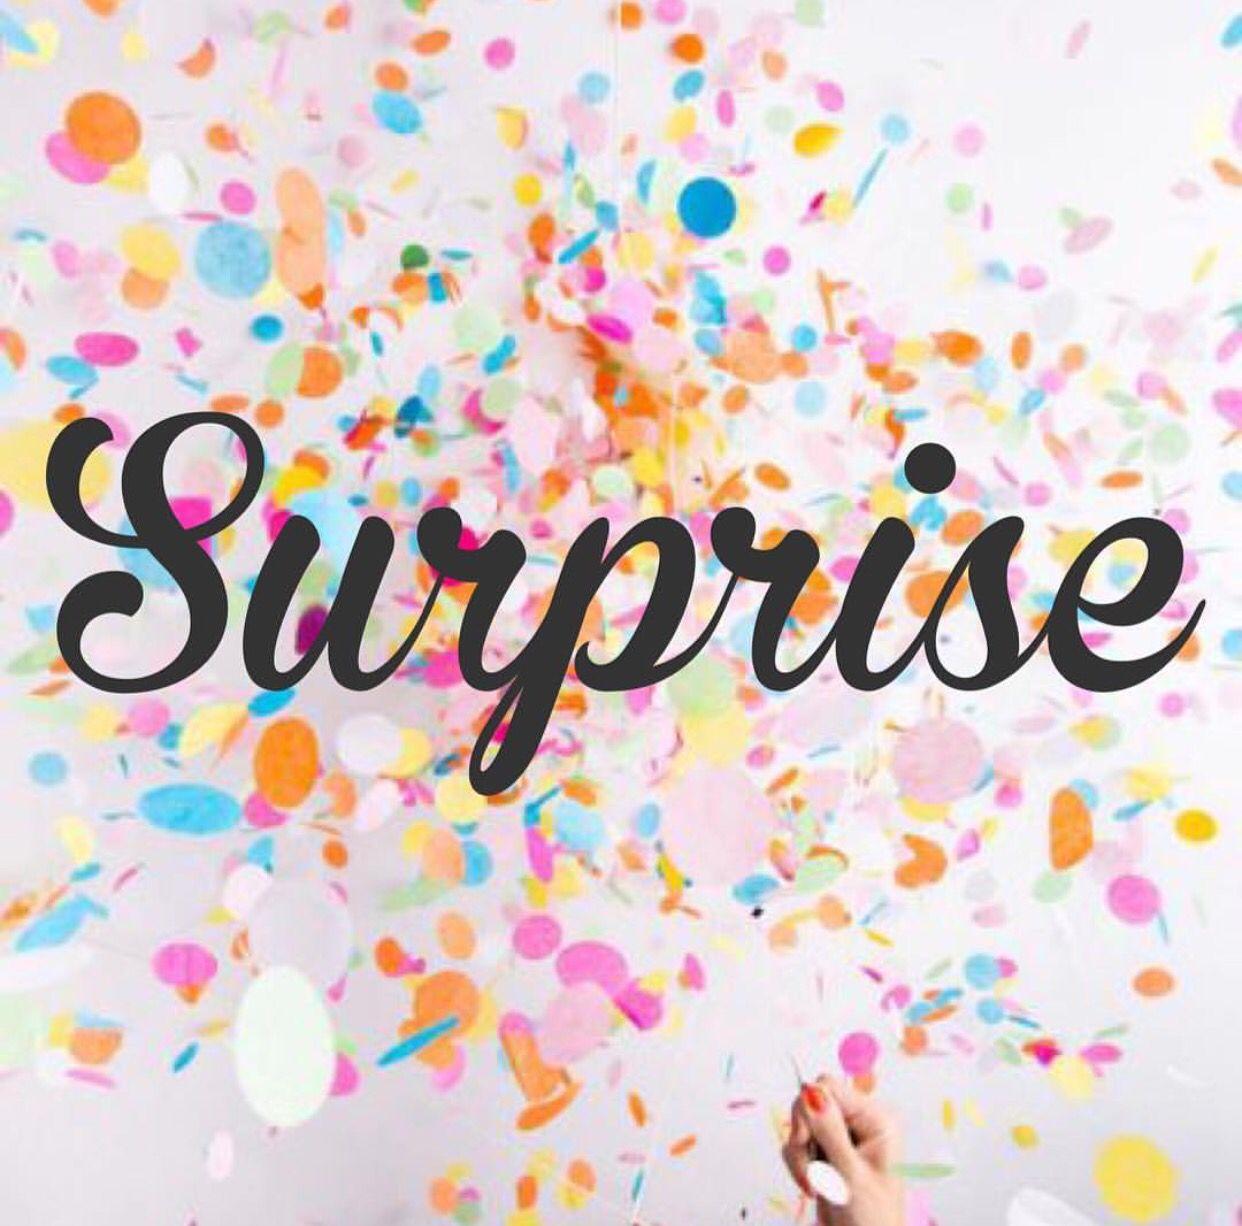 Surprise Www.lularoejilldomme.com